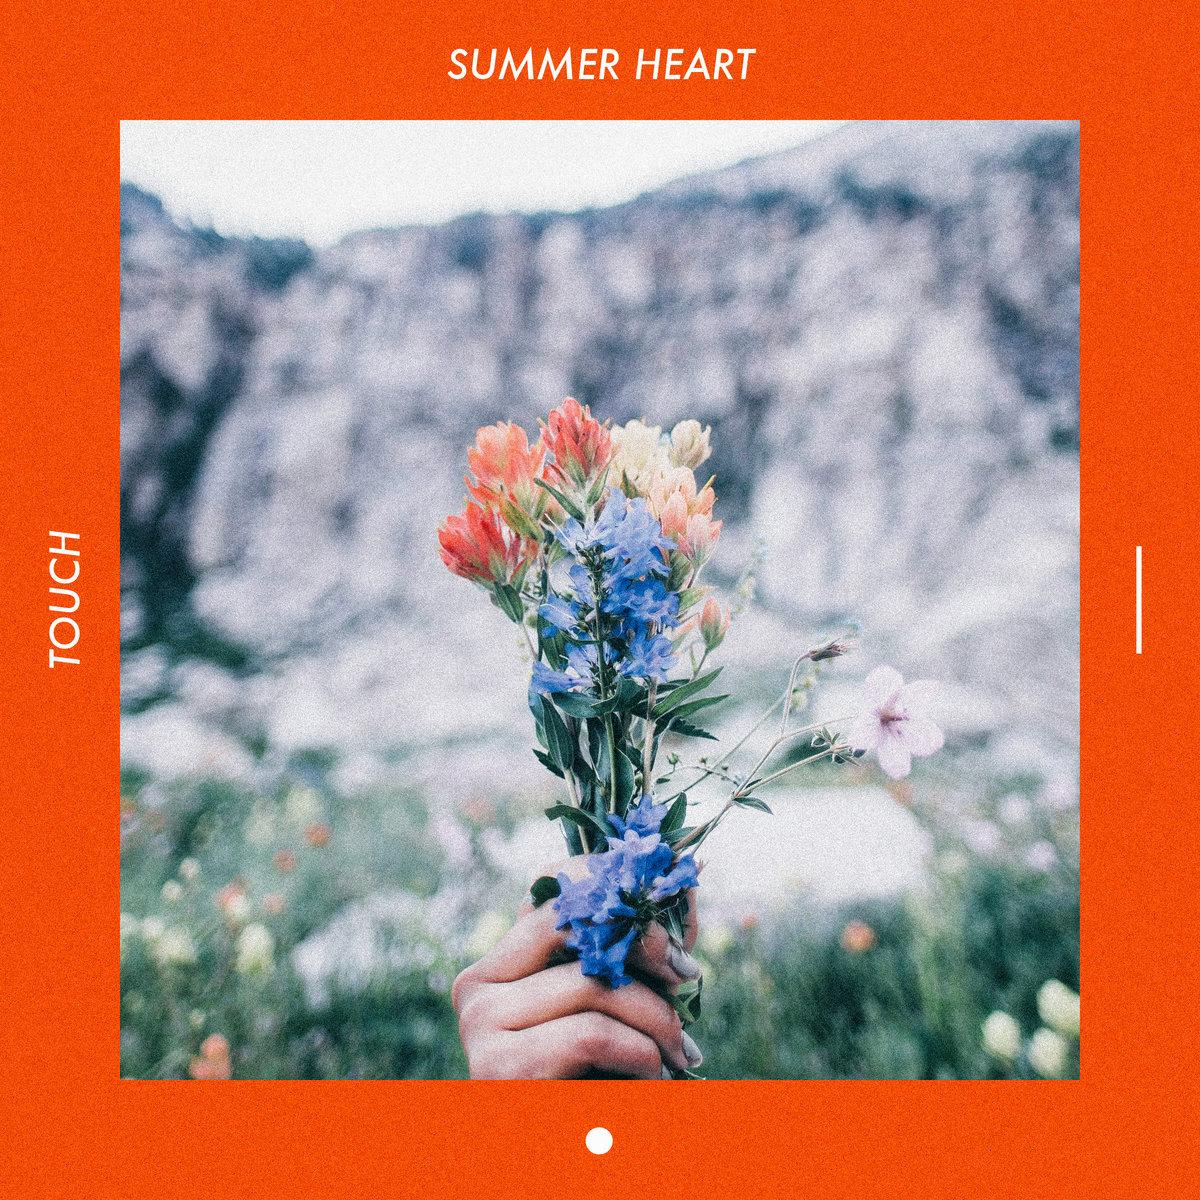 touch summer heart